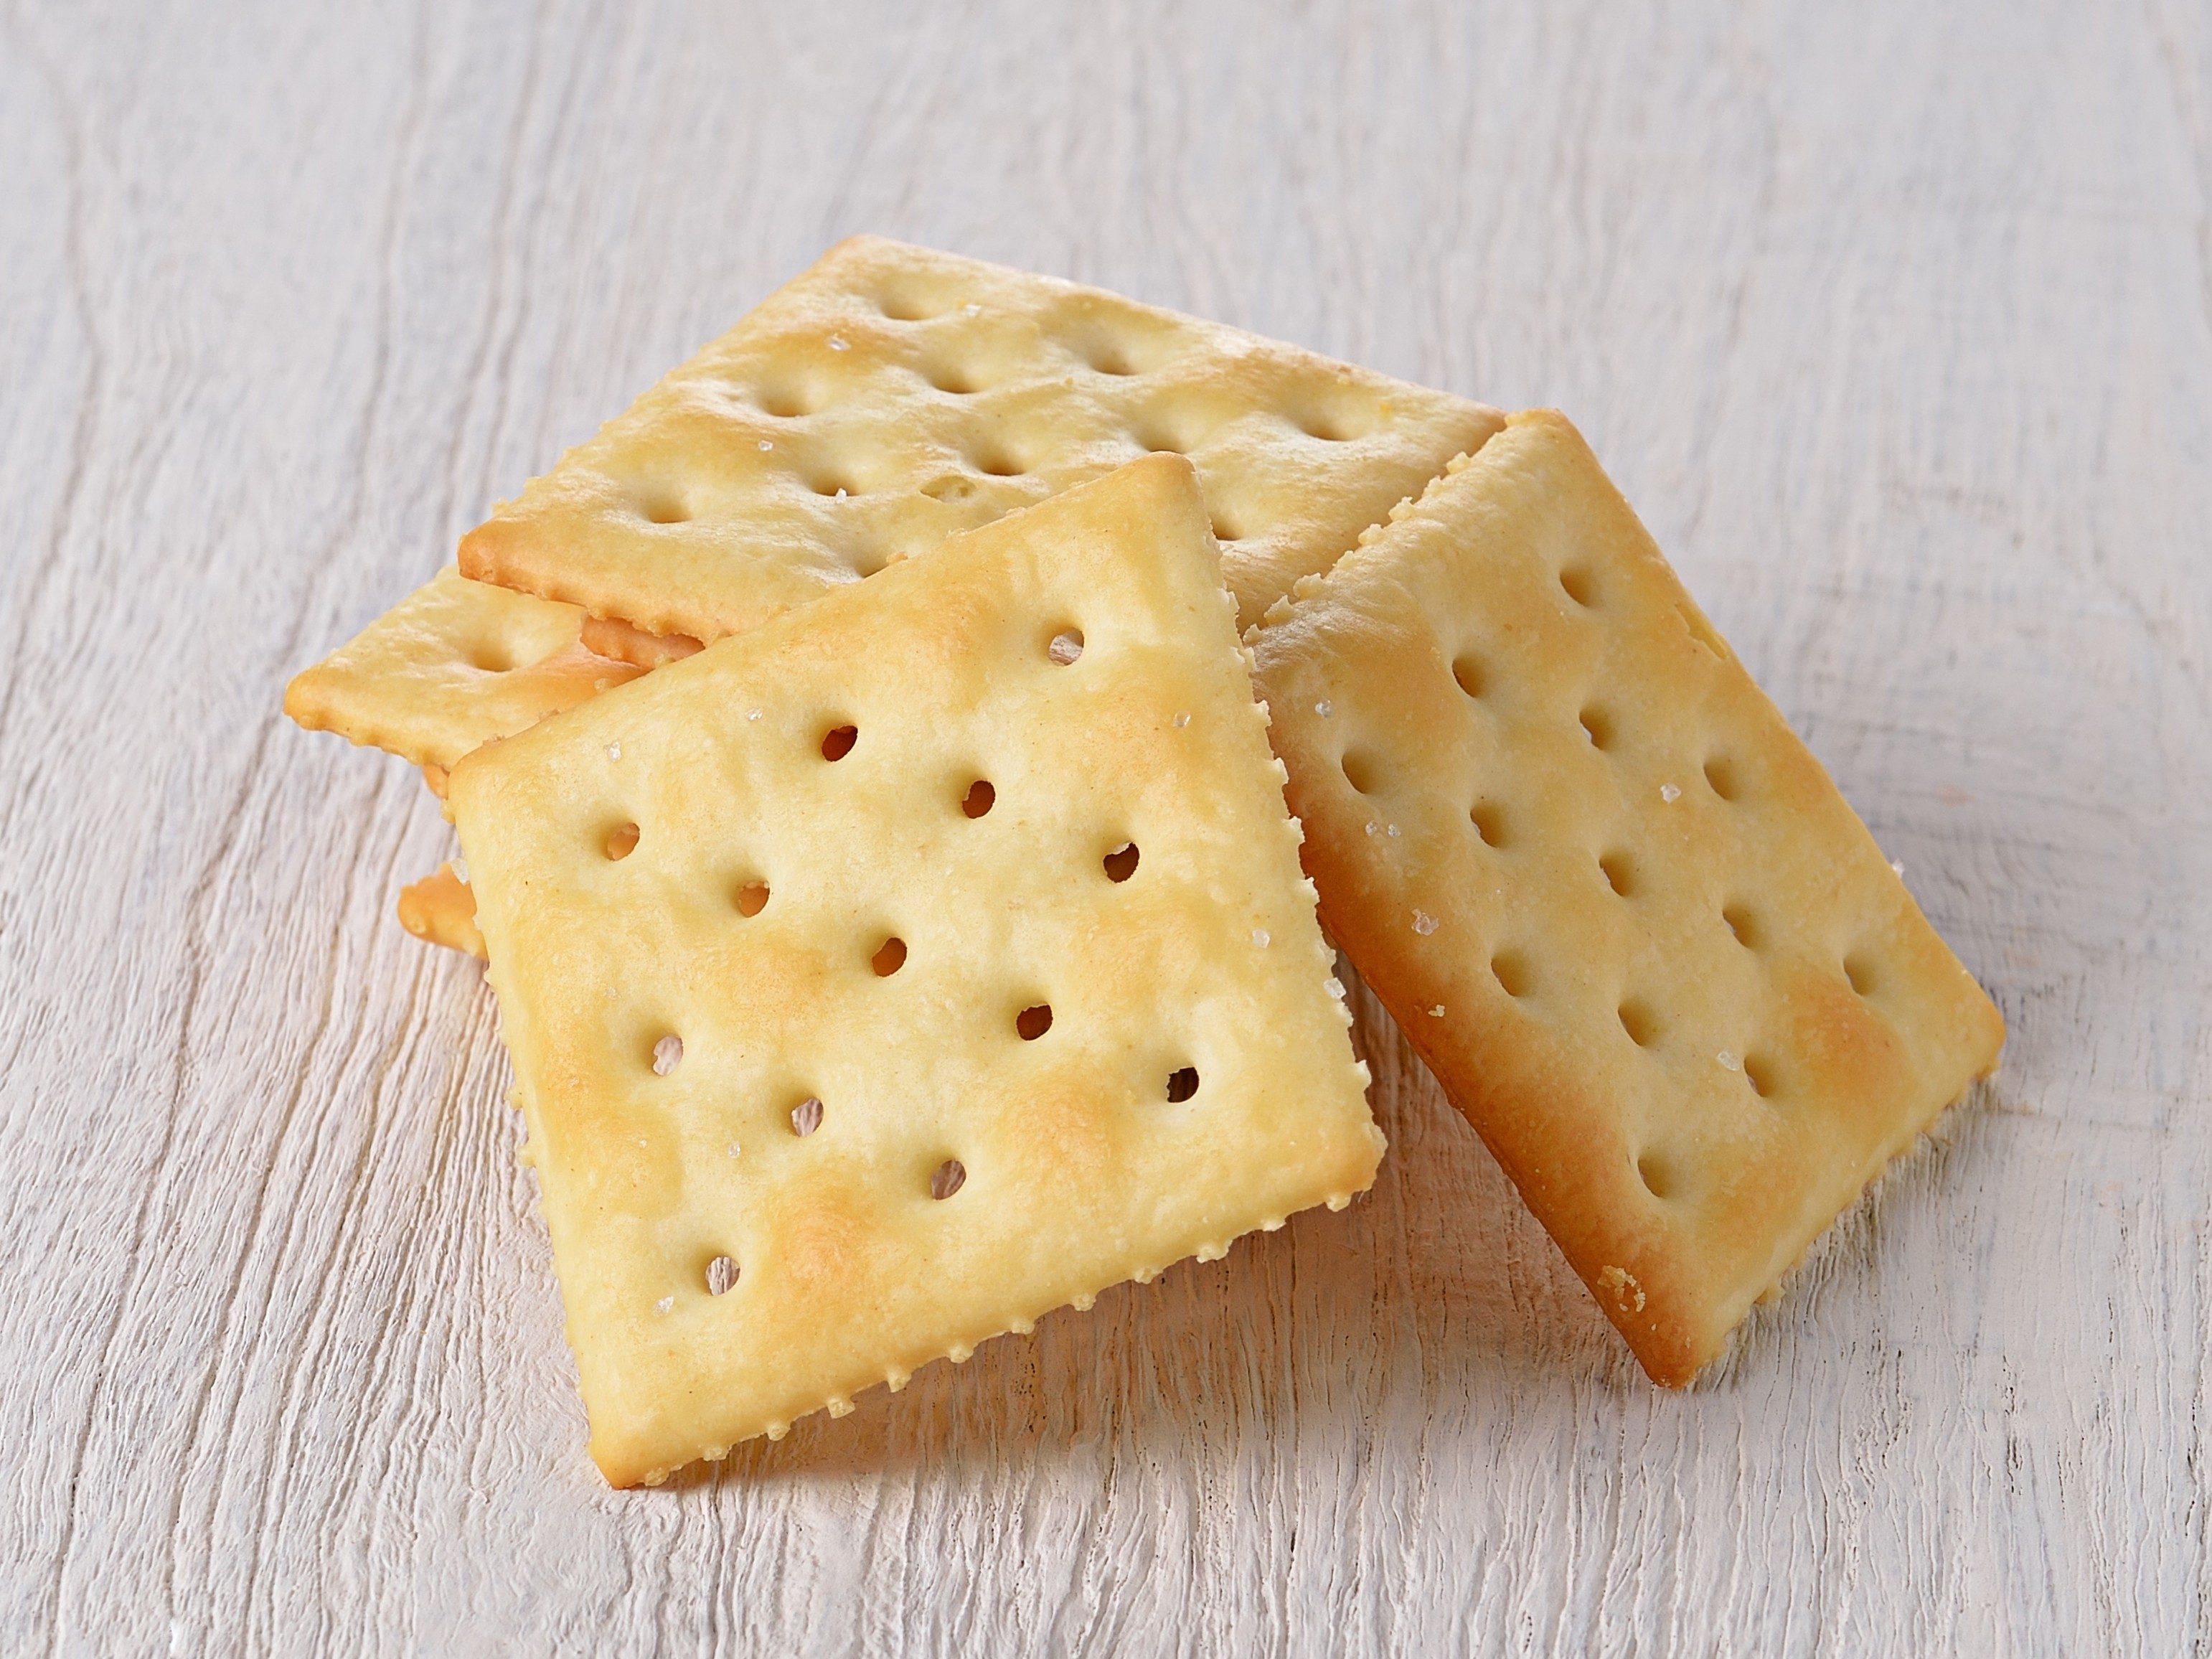 2. Crackers